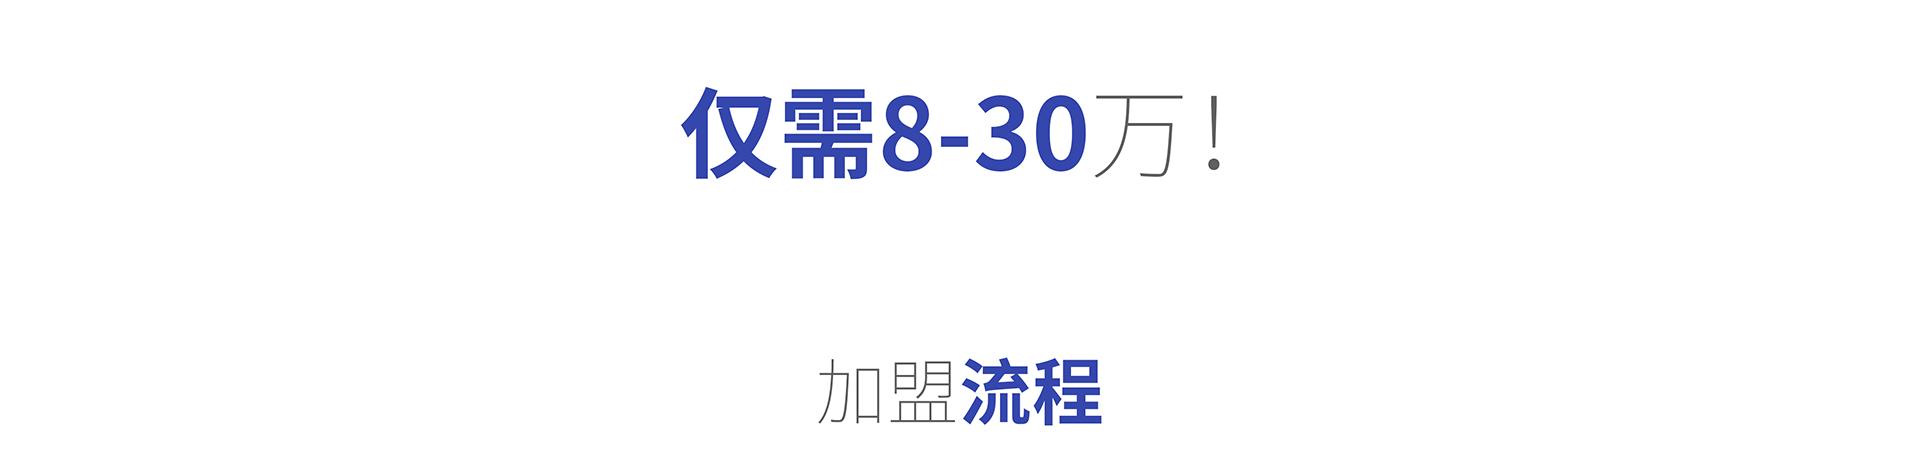 青鸟园丁学习馆qnyd_28